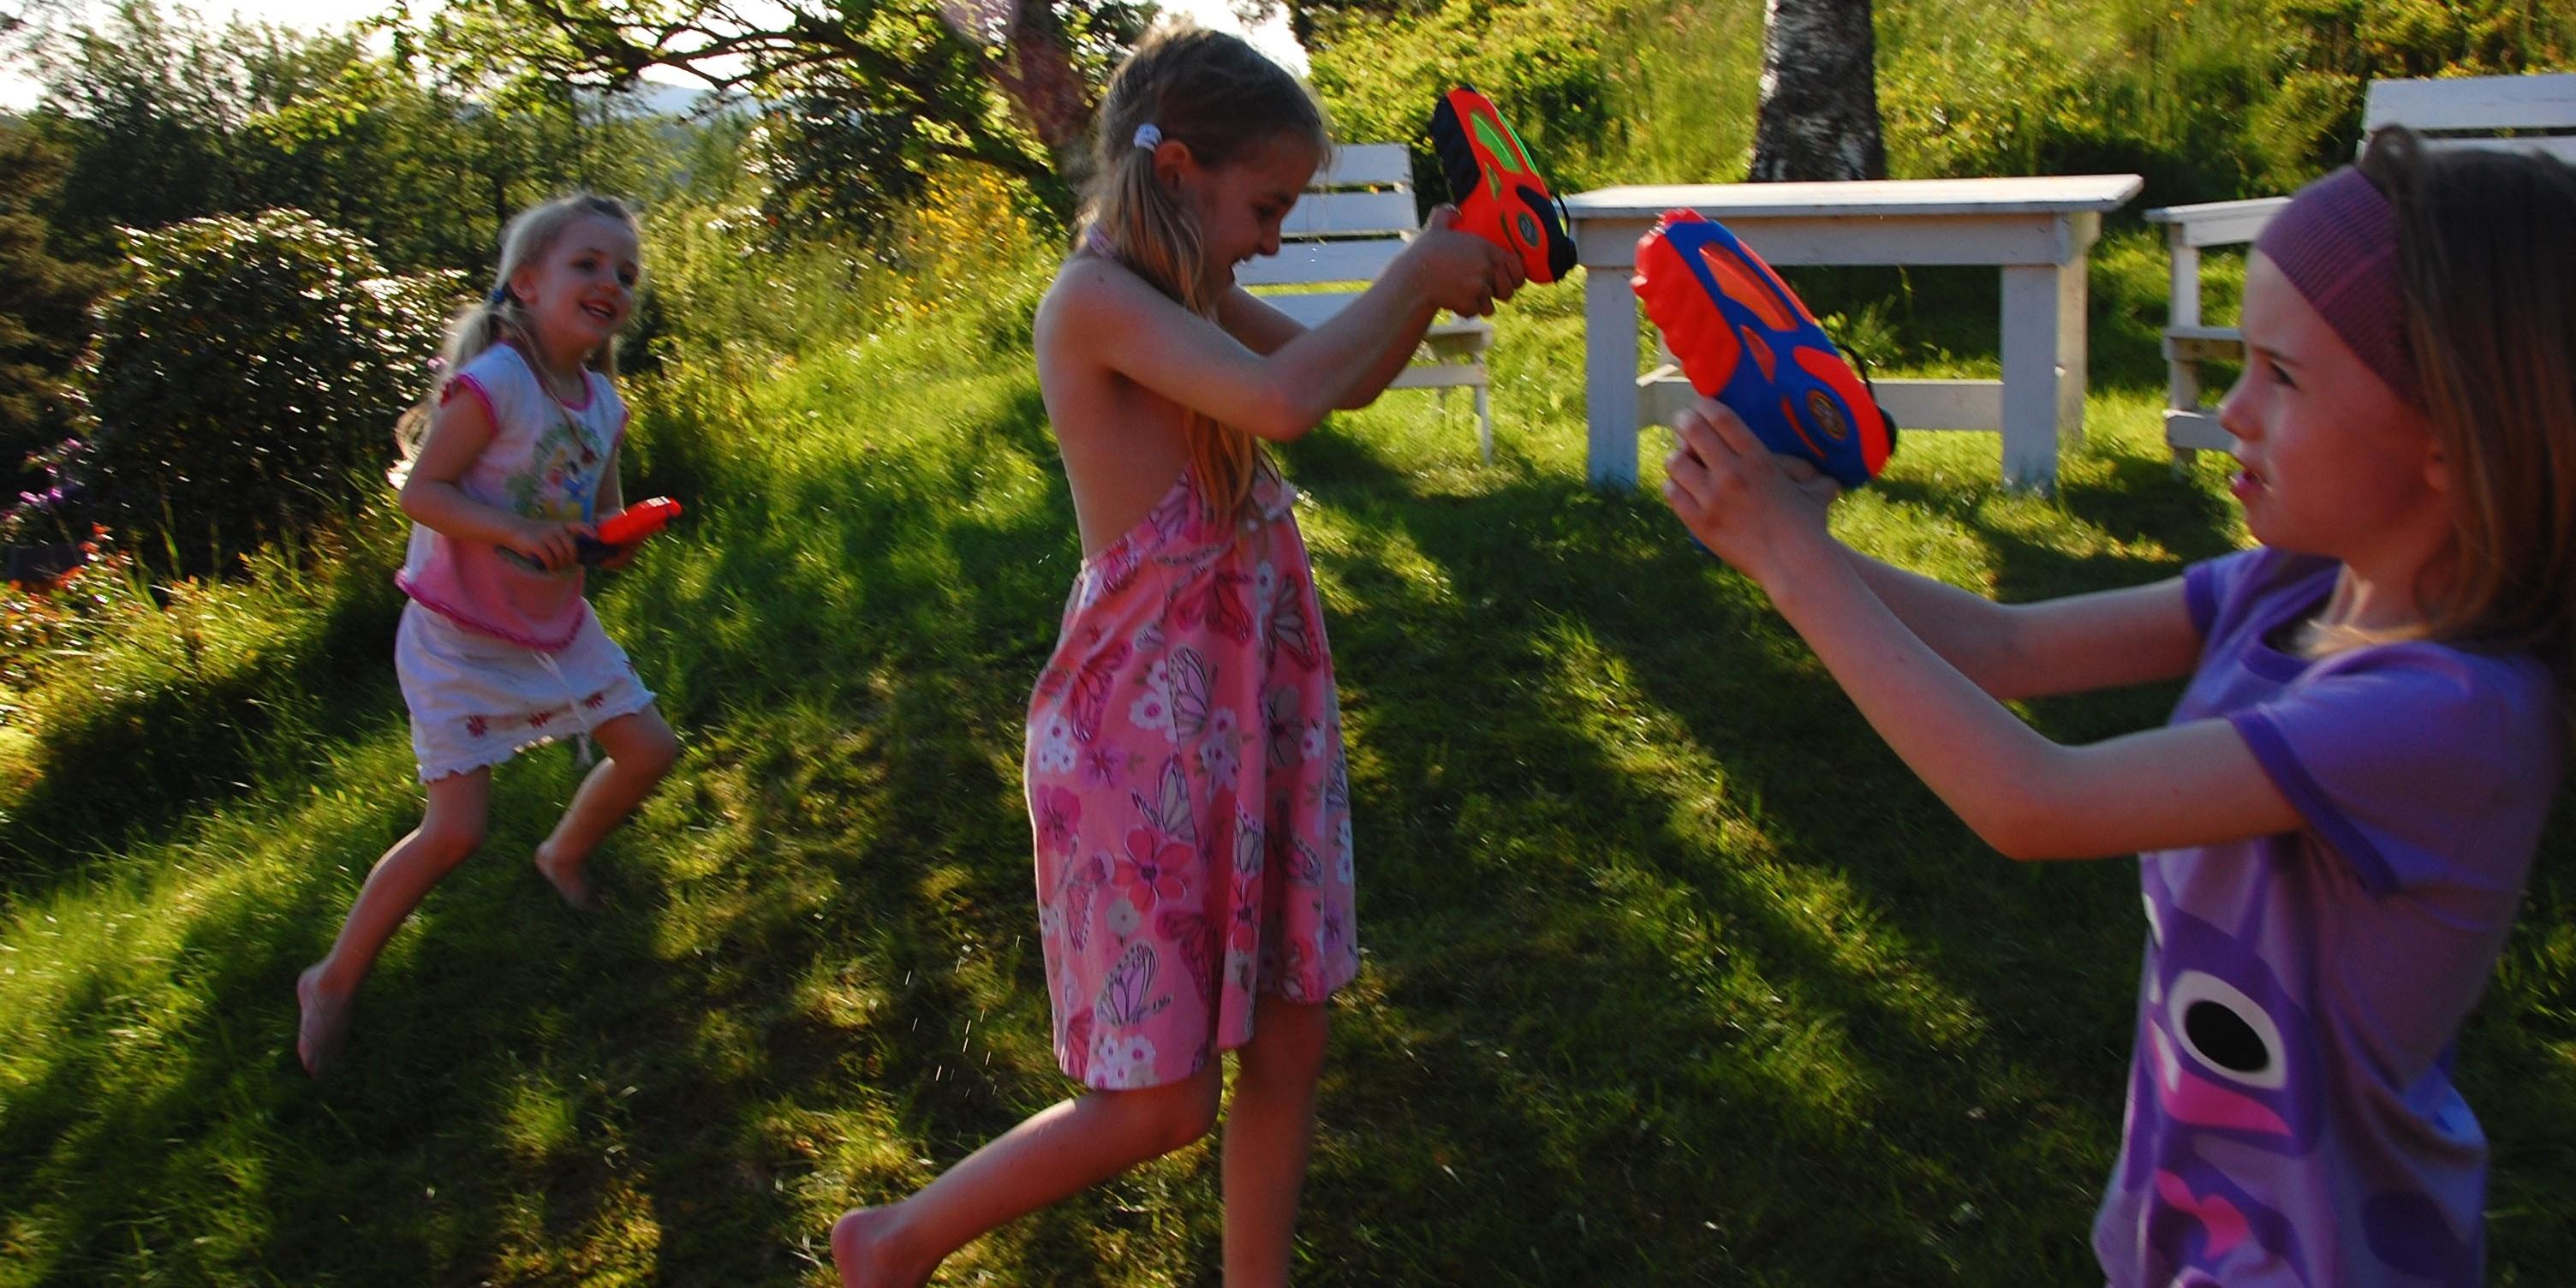 backyard-fun-water-fight.jpg